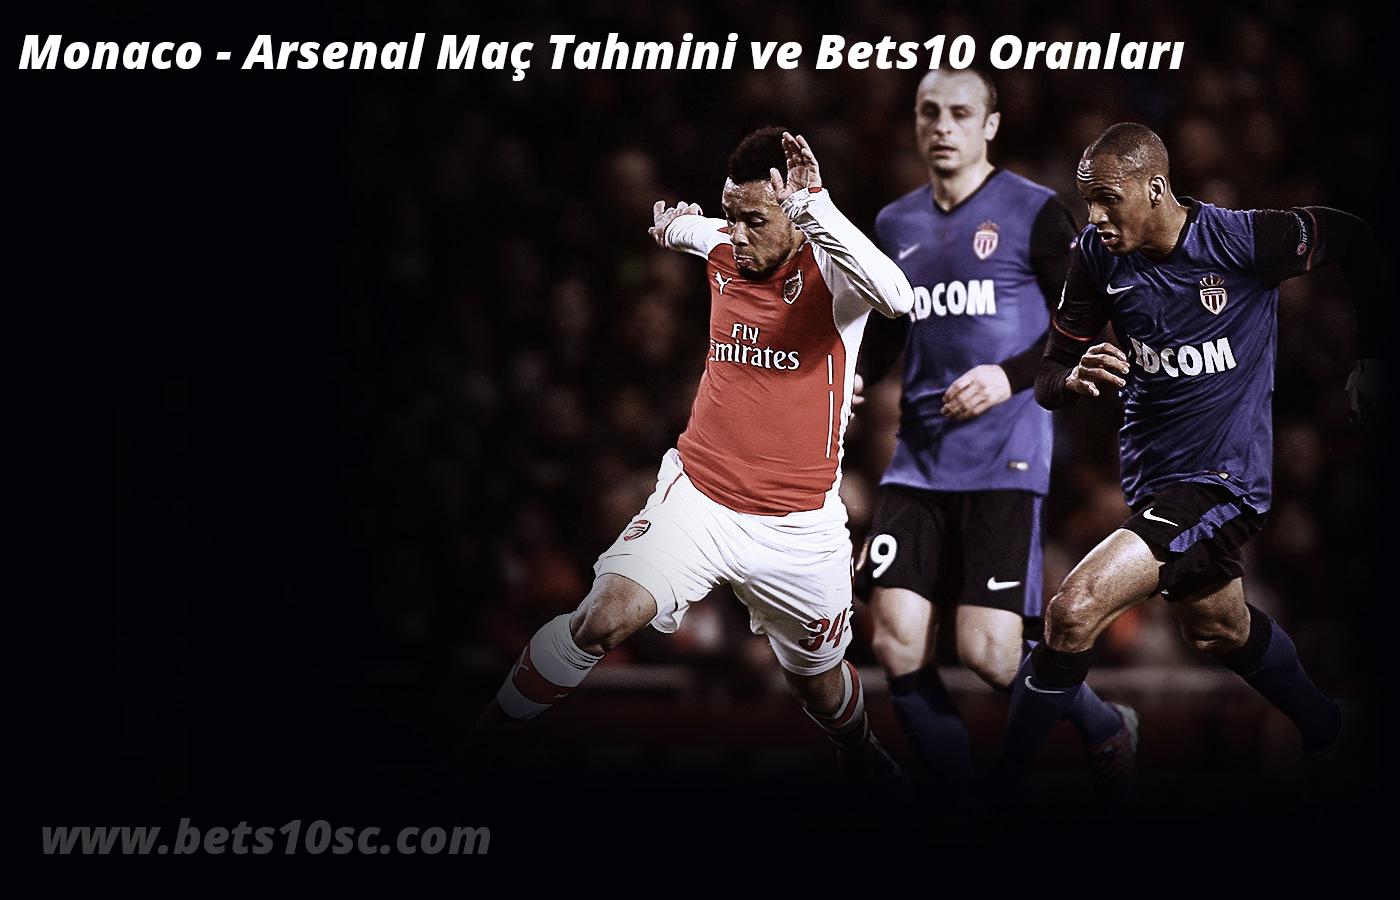 Monaco vs Arsenal Maç Tahmini ve Bets10 Oranları